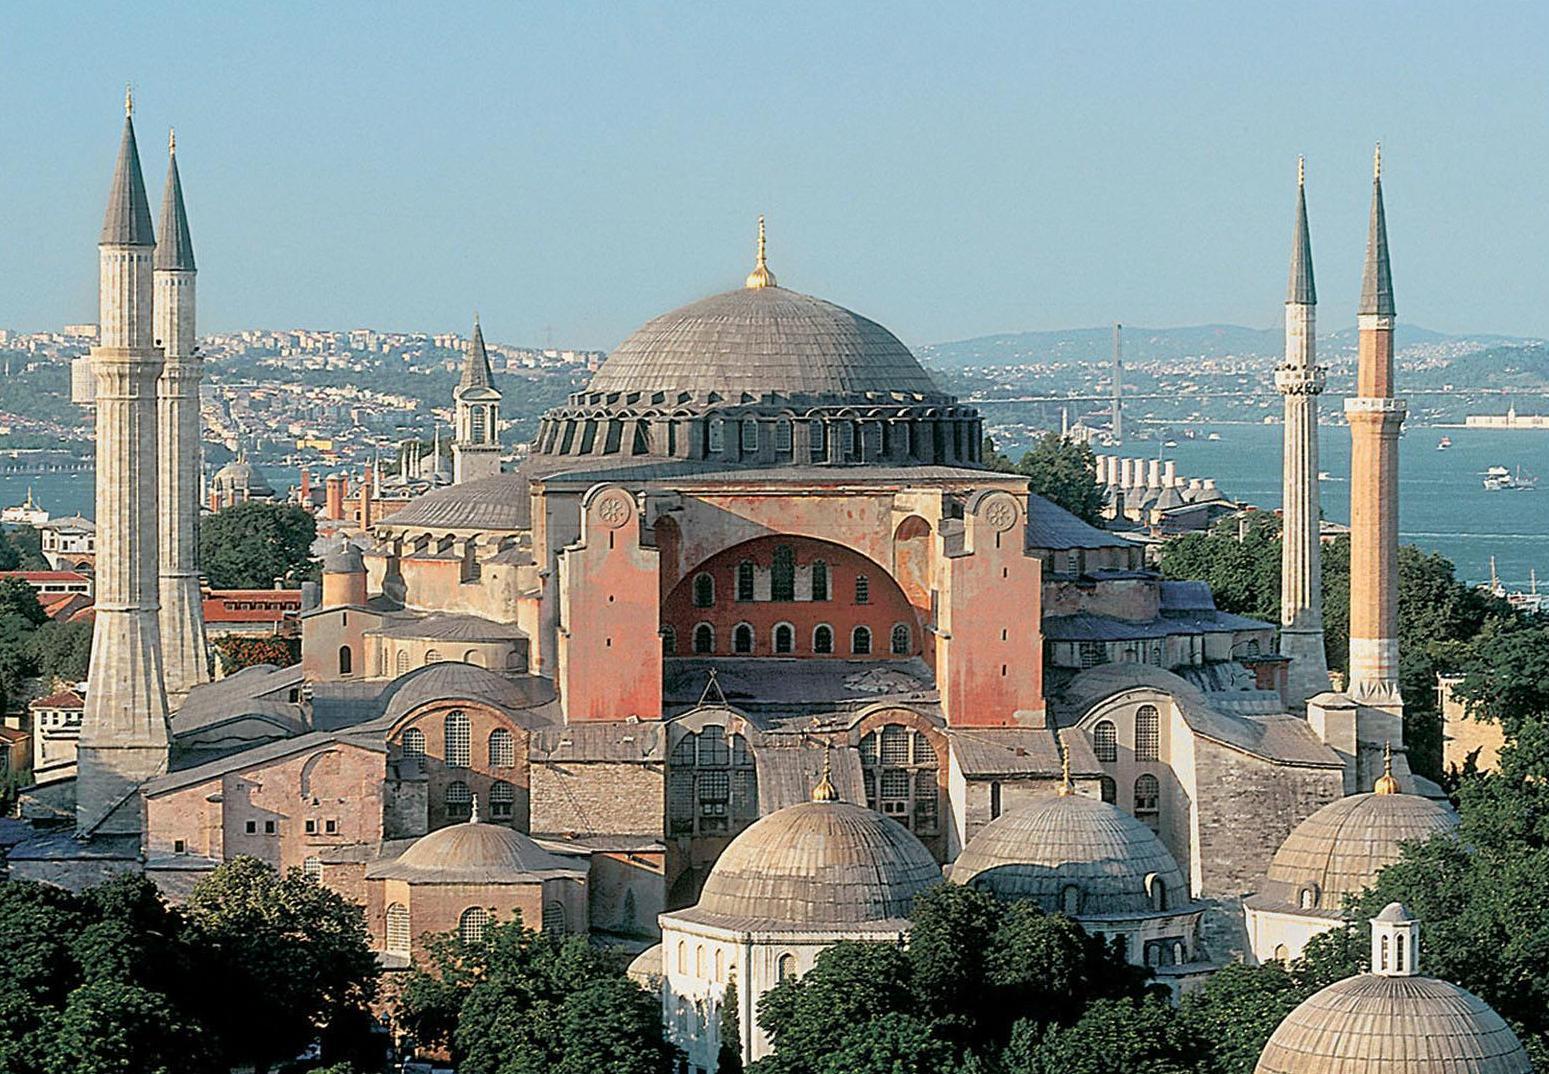 أنقرة ترفض استياء أثينا من تلاوة القرآن في مسجد آيا صوفيا